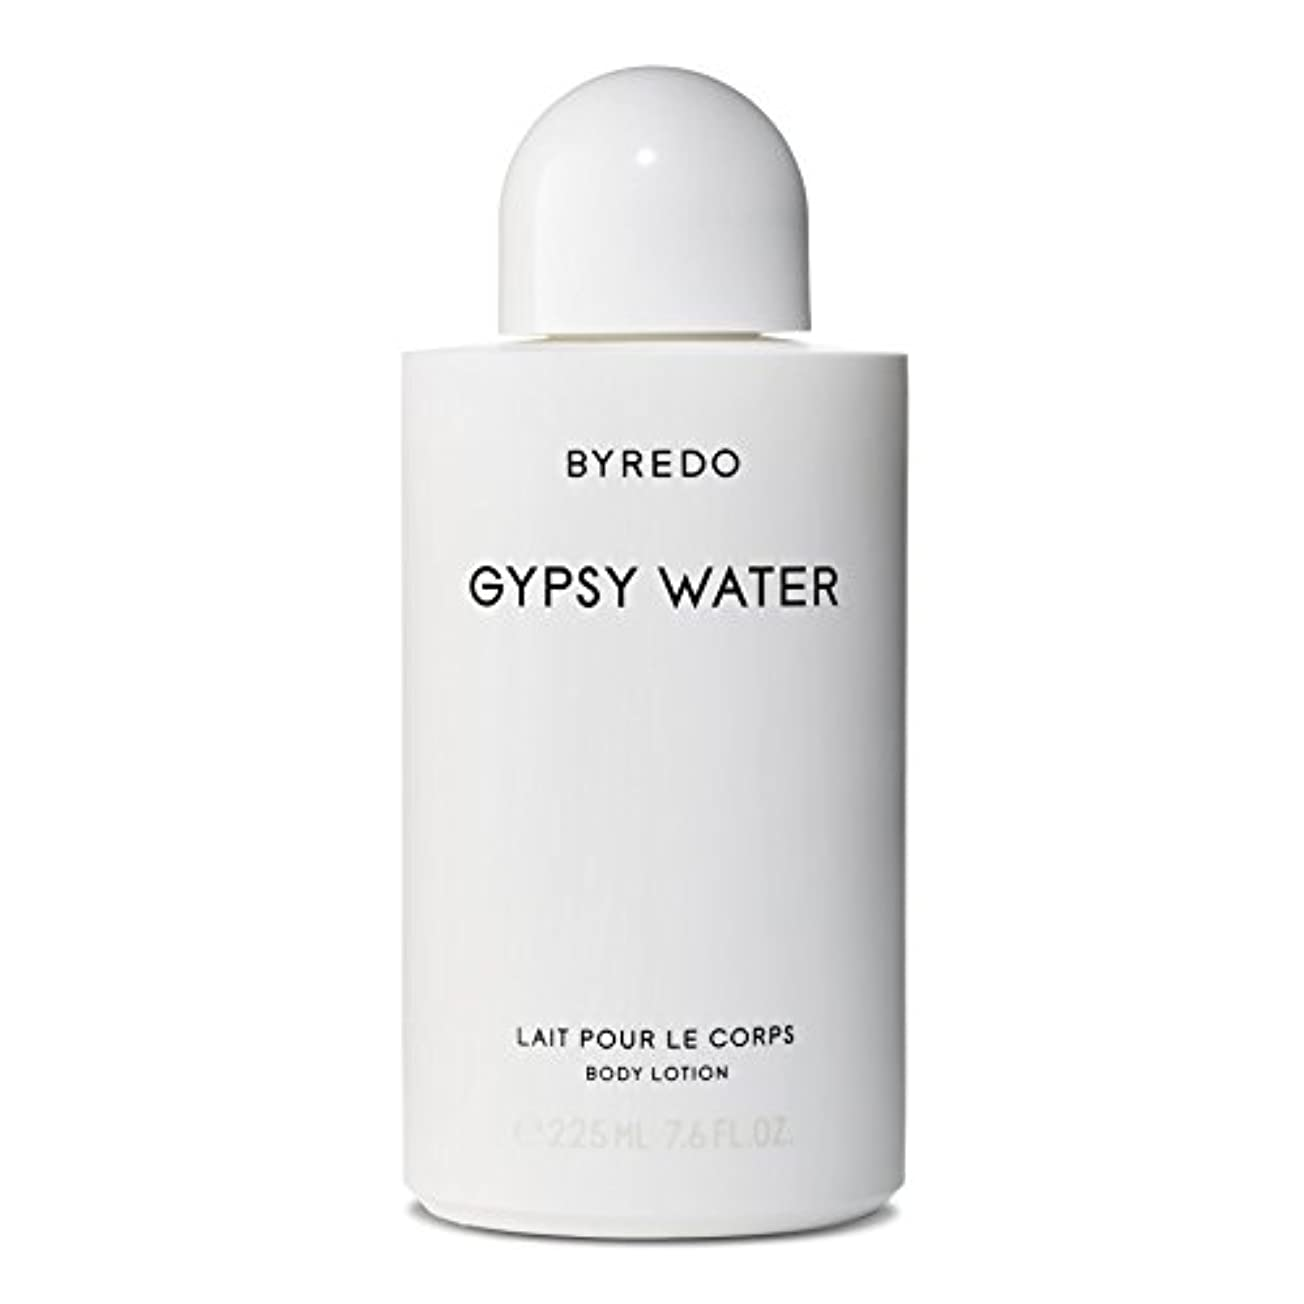 エスカレートポルティコ構造Byredo Gypsy Water Body Lotion 225ml - ジプシー水ボディローション225ミリリットル [並行輸入品]